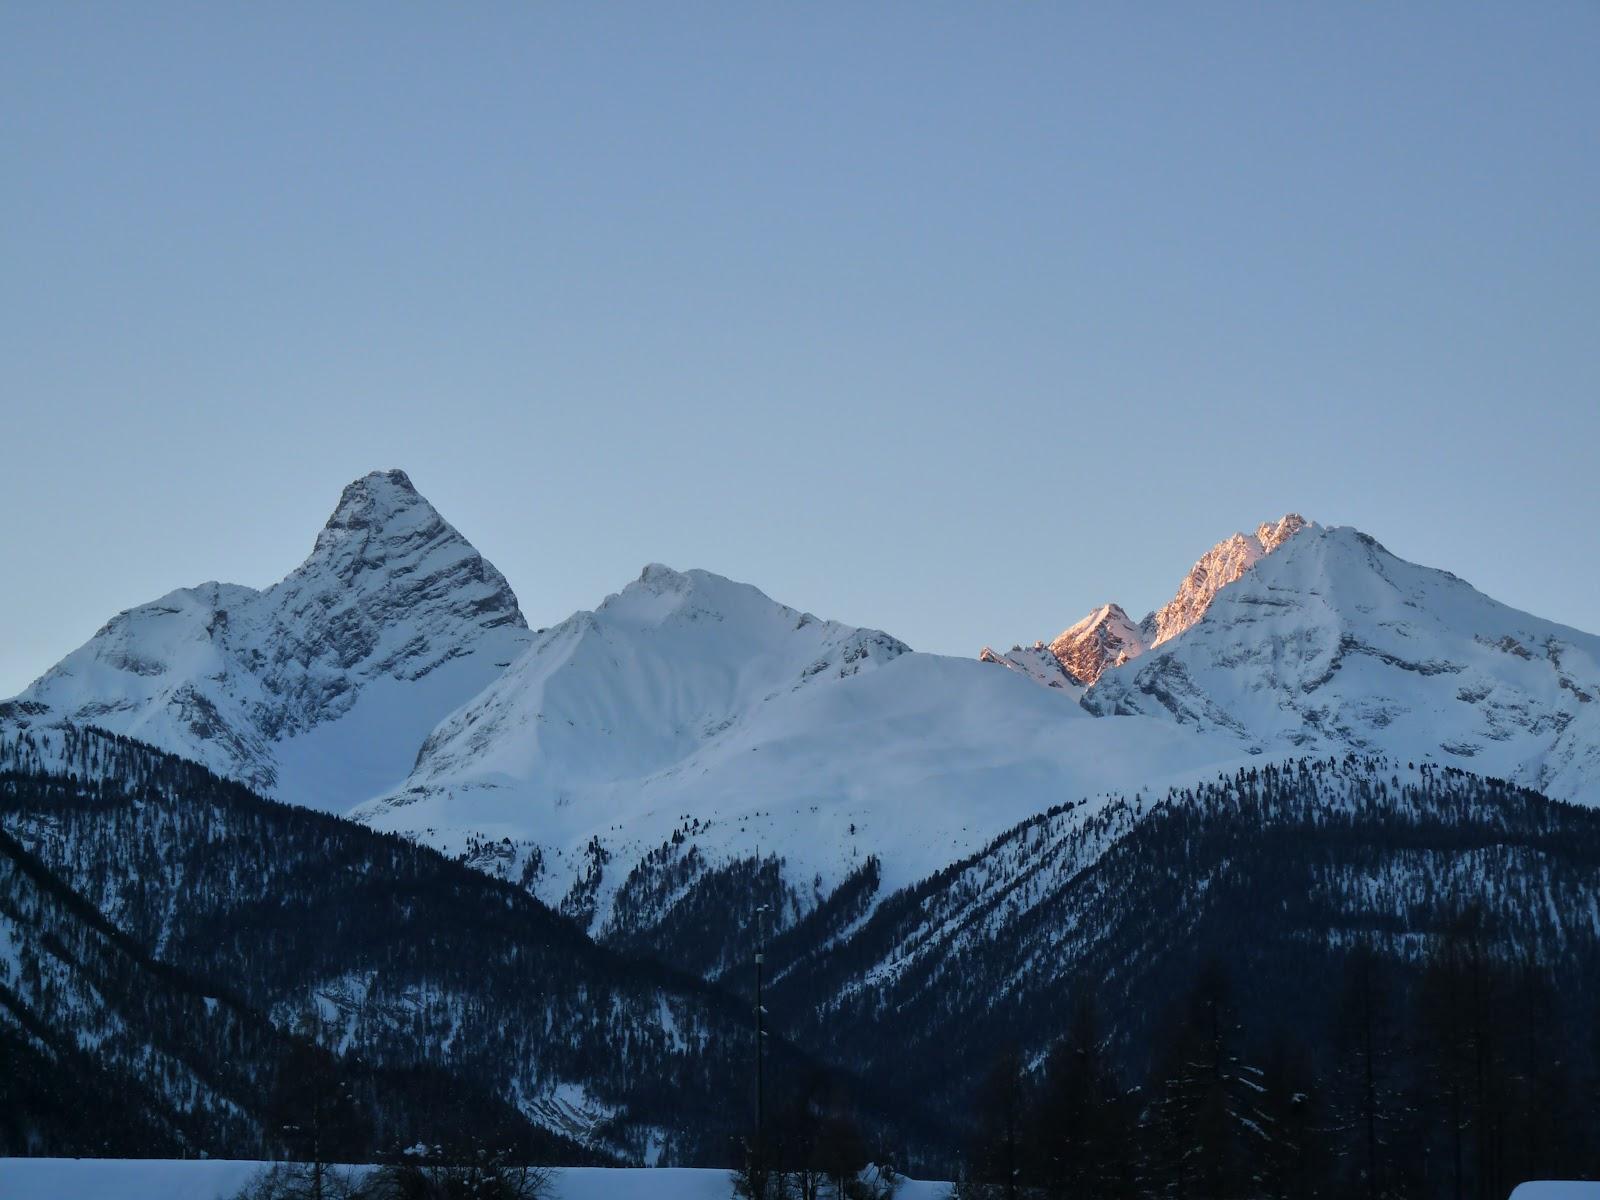 christmas mountain village at christmas